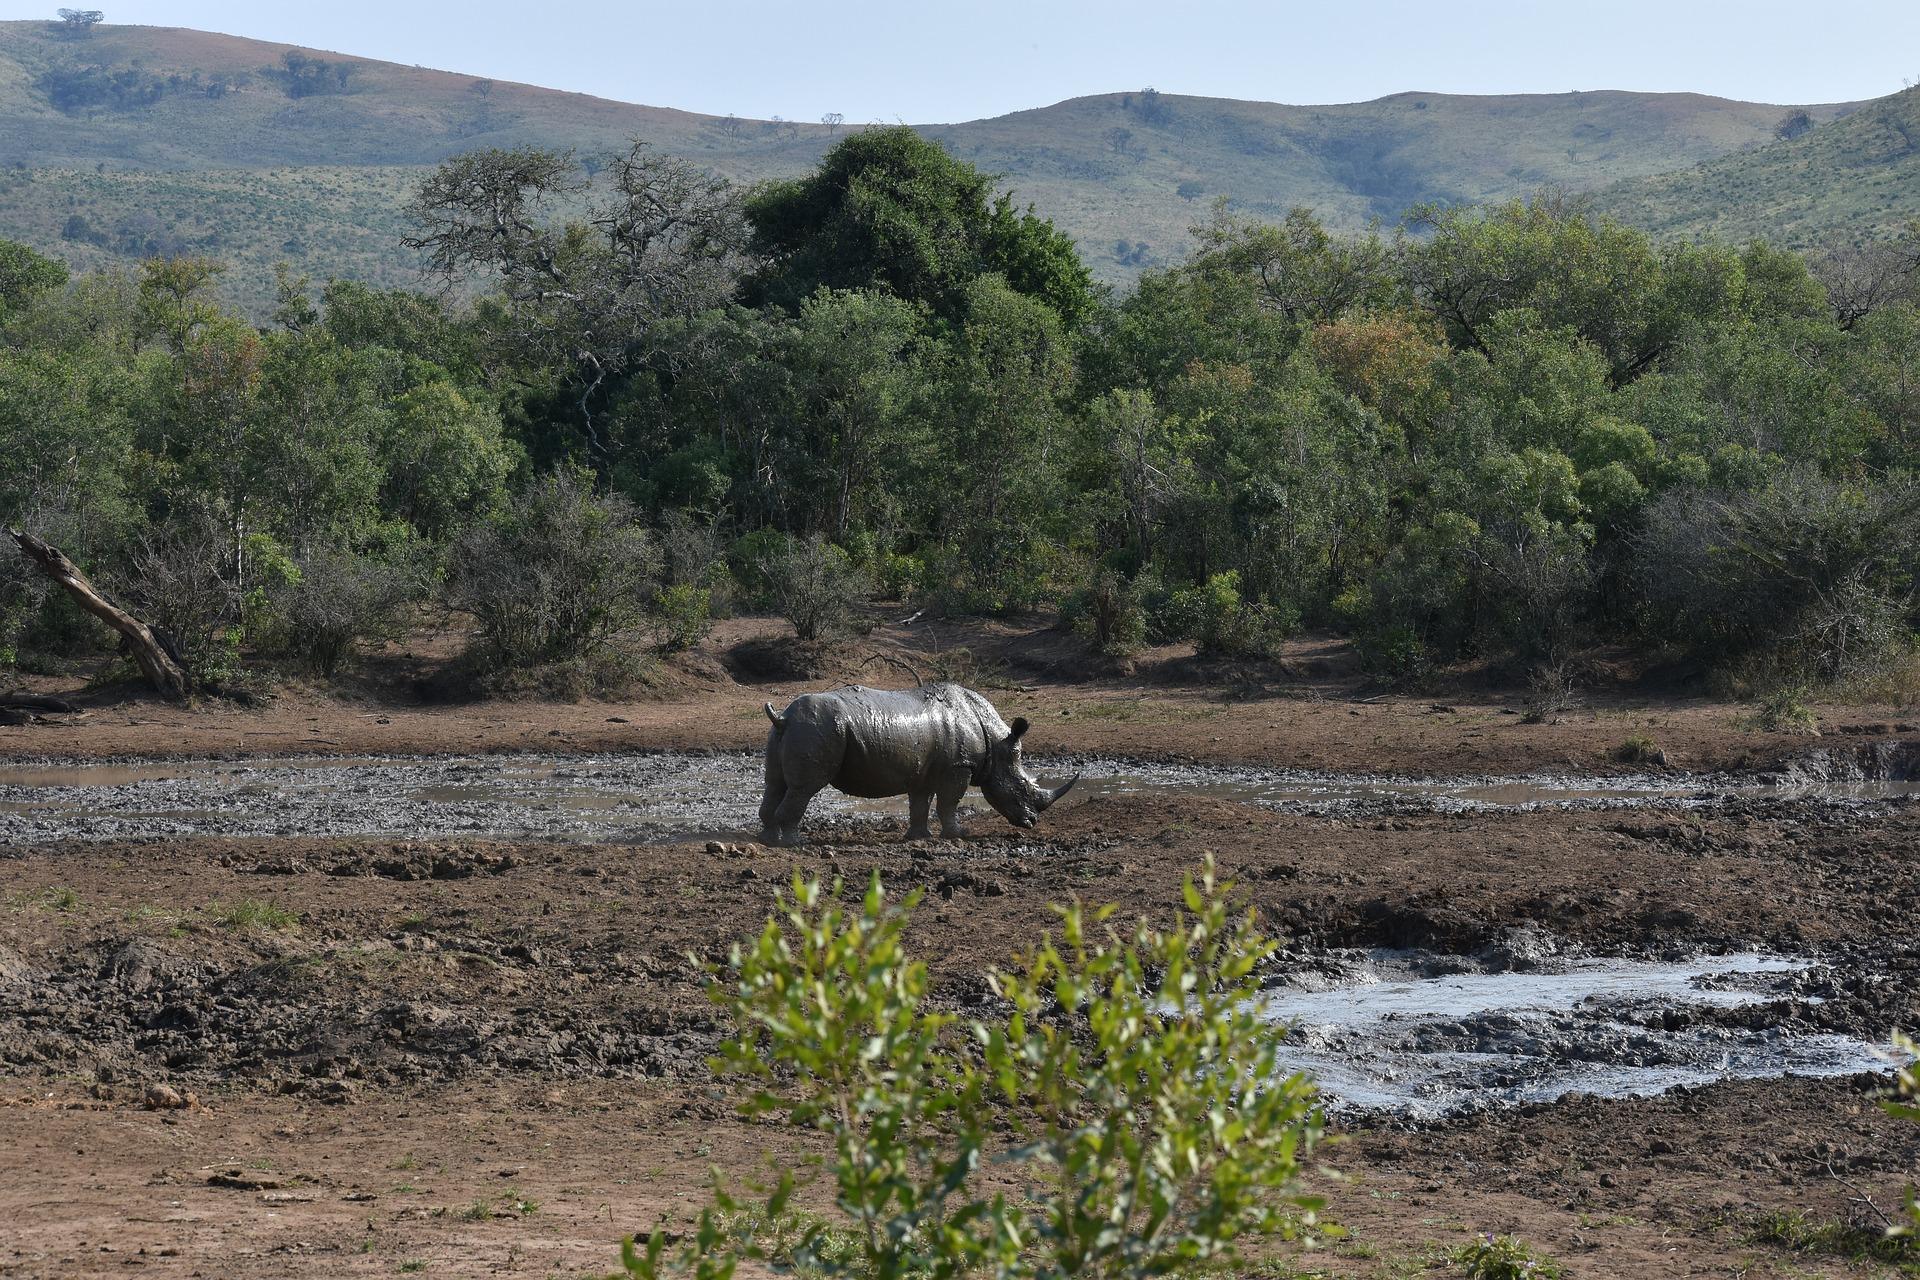 Zimbabwe - Black Rhino along a bank